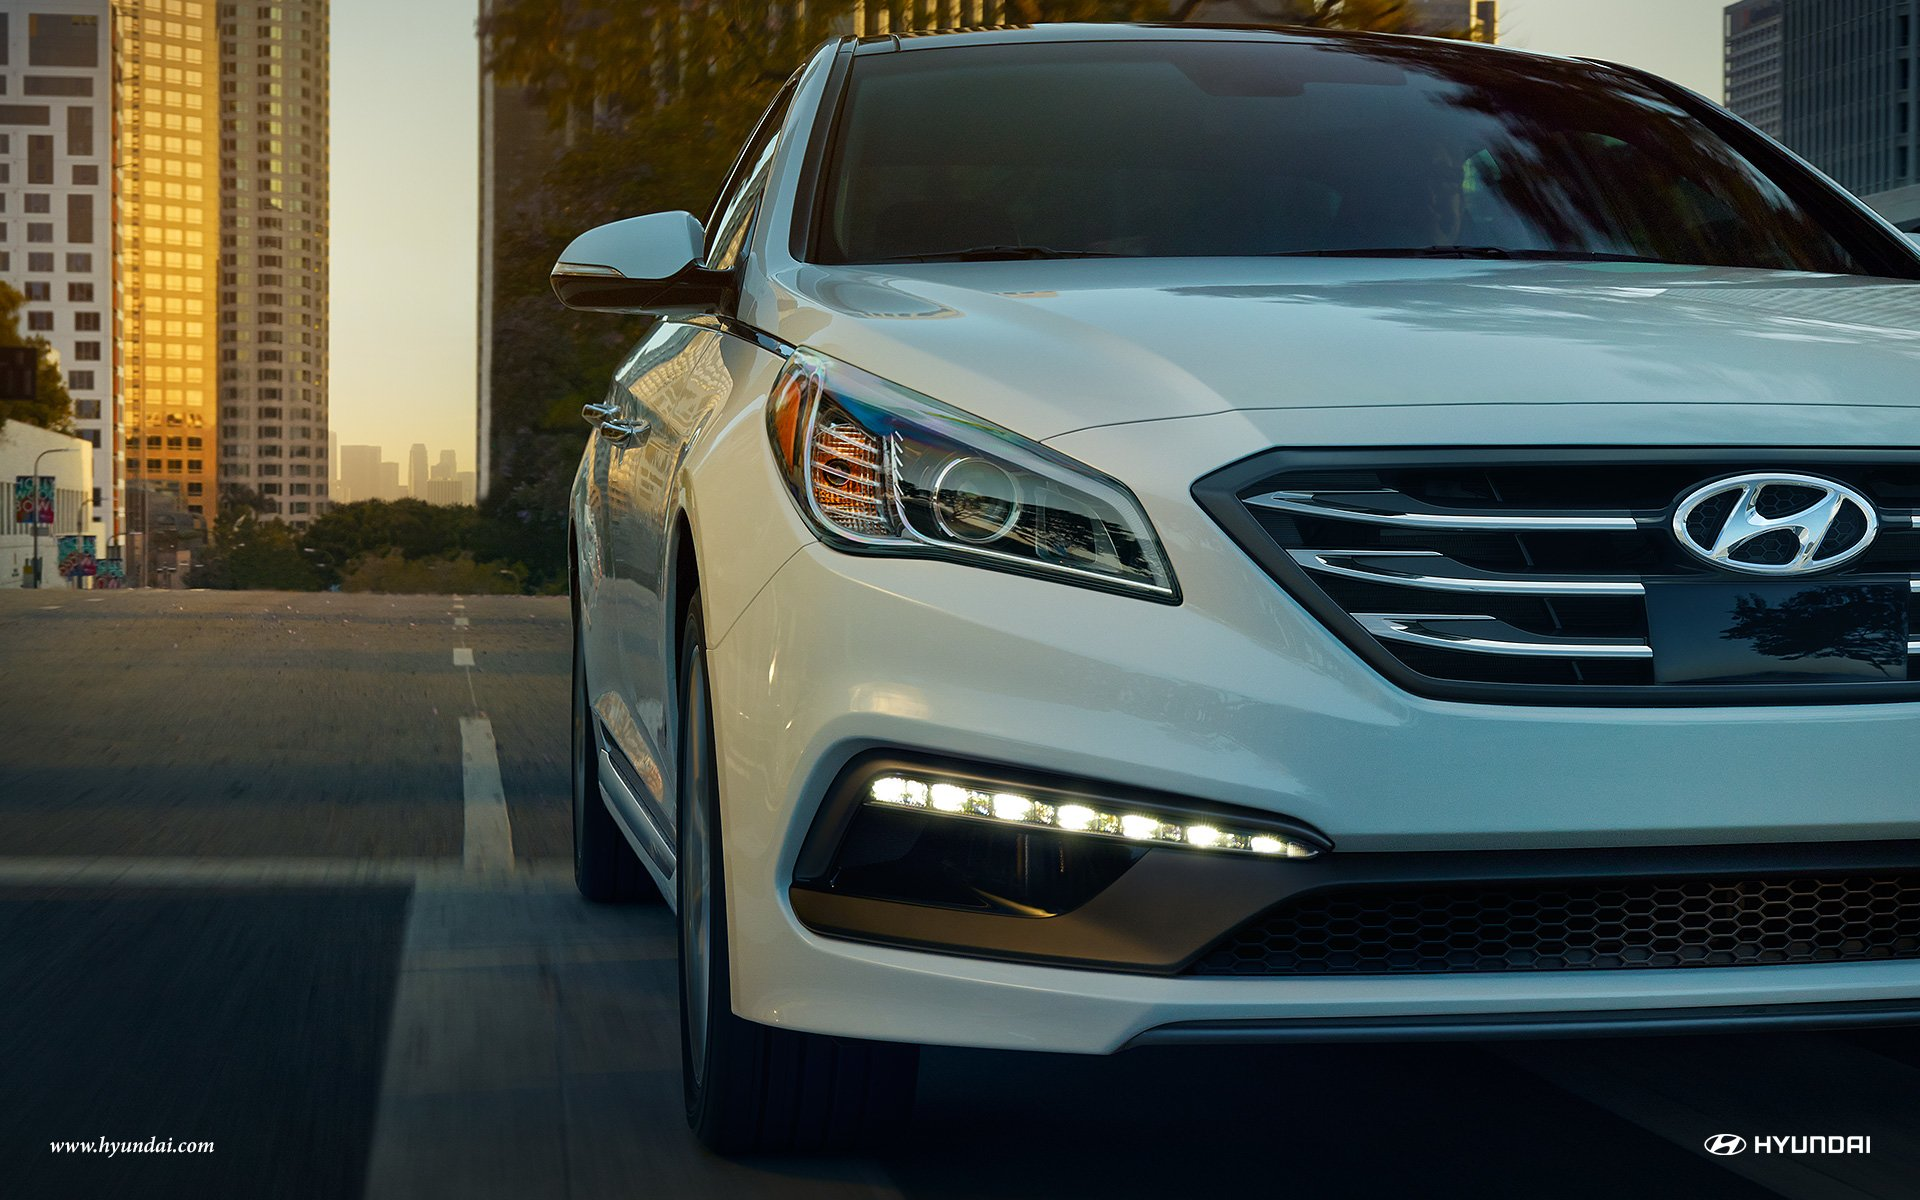 Hyundai Sonata: Battery